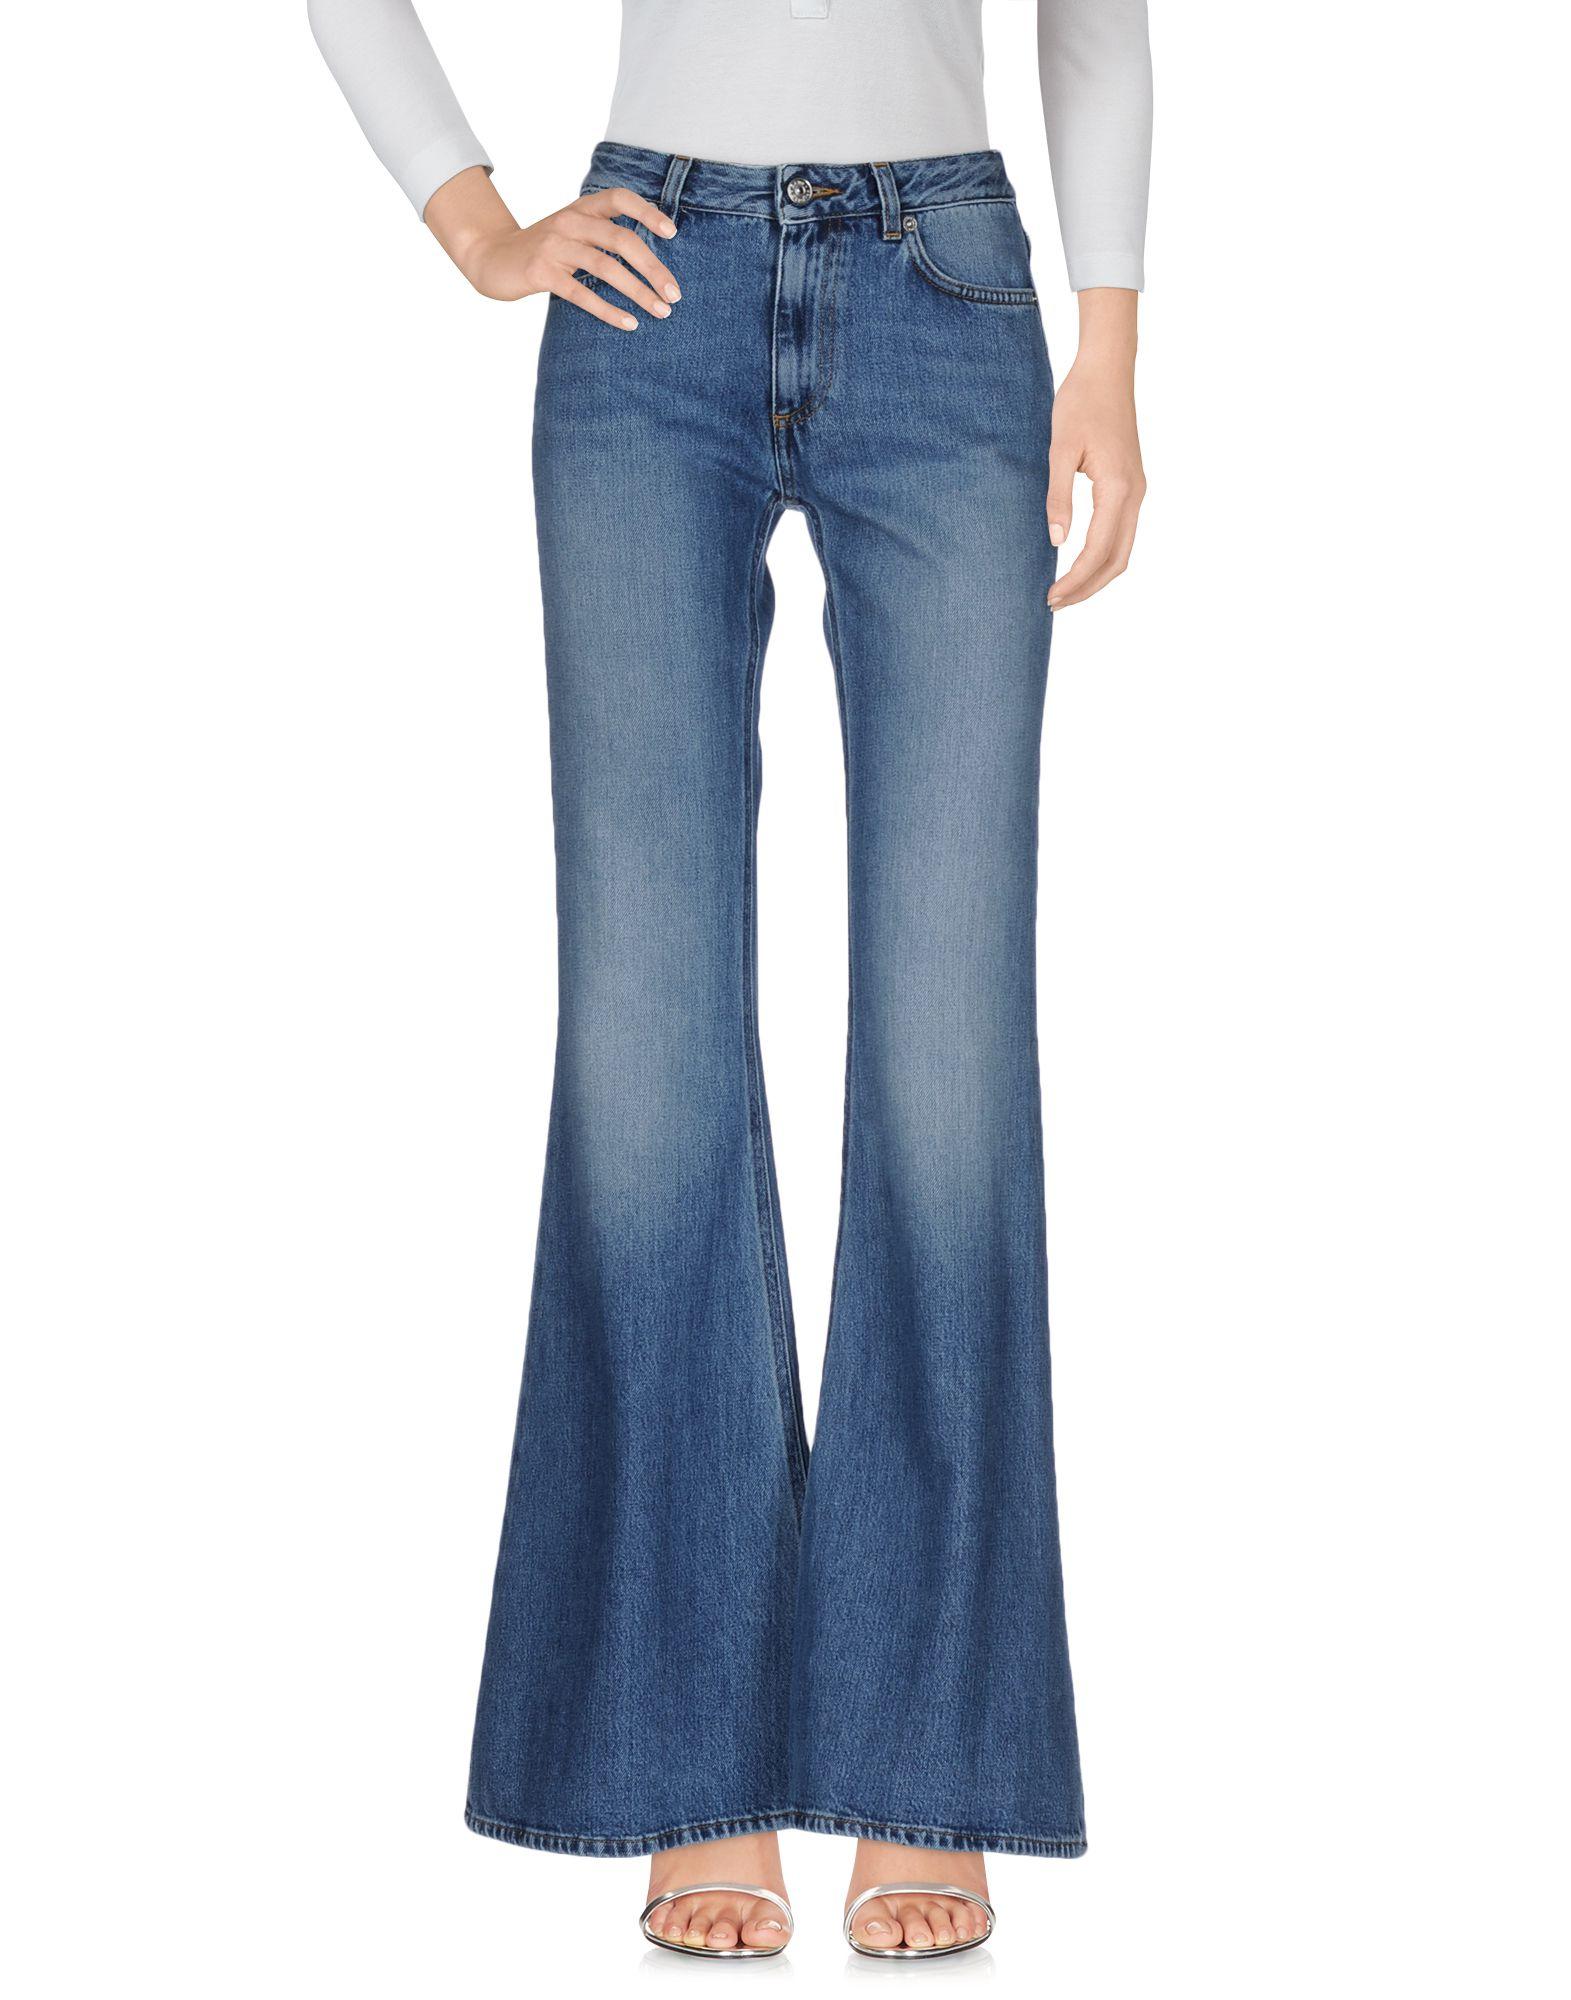 цены на ACNE STUDIOS Джинсовые брюки в интернет-магазинах